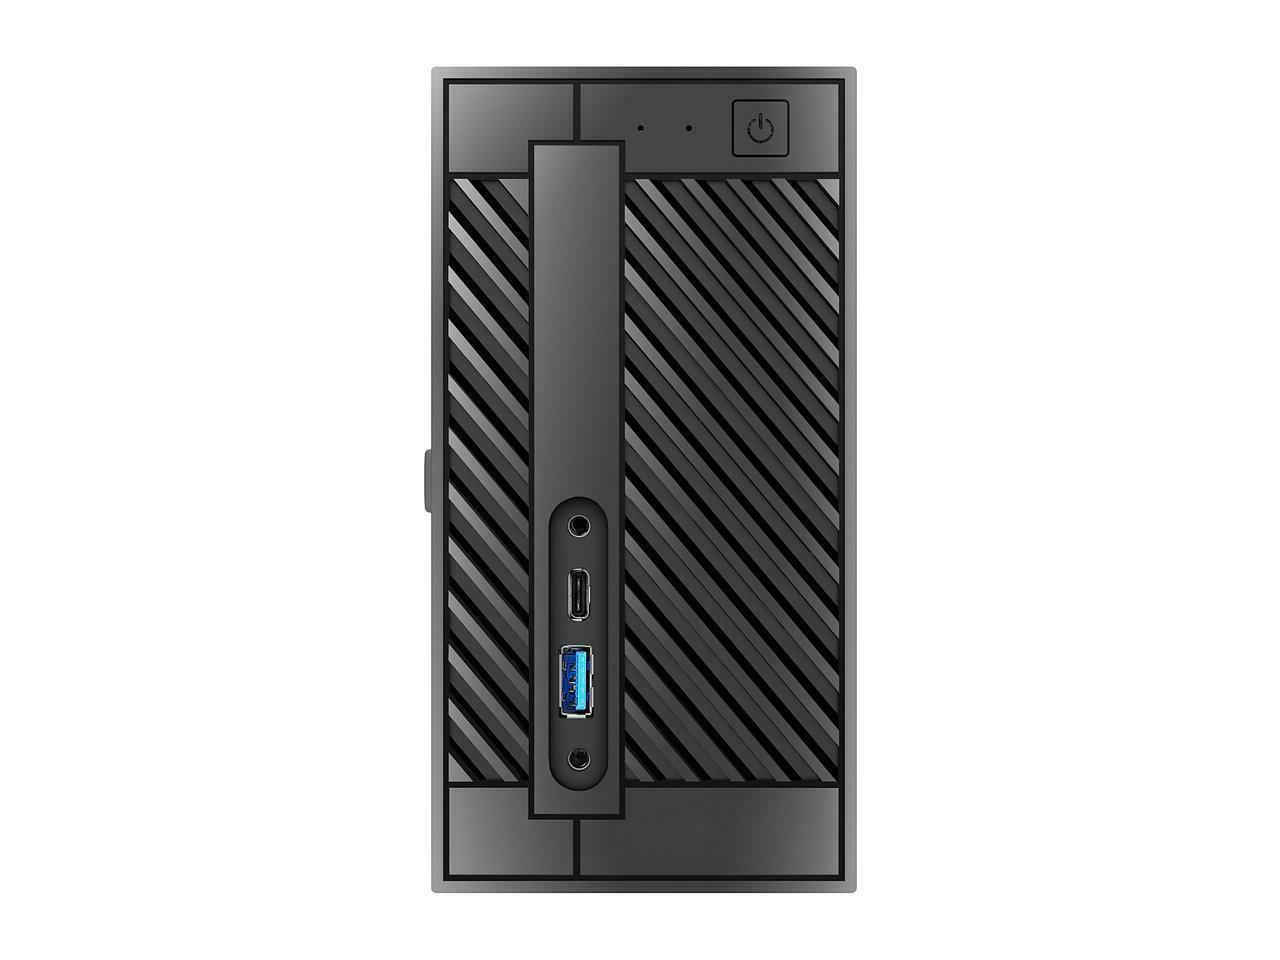 ASRock DeskMini 310W HTPC Intel i7-8700T 16GB |